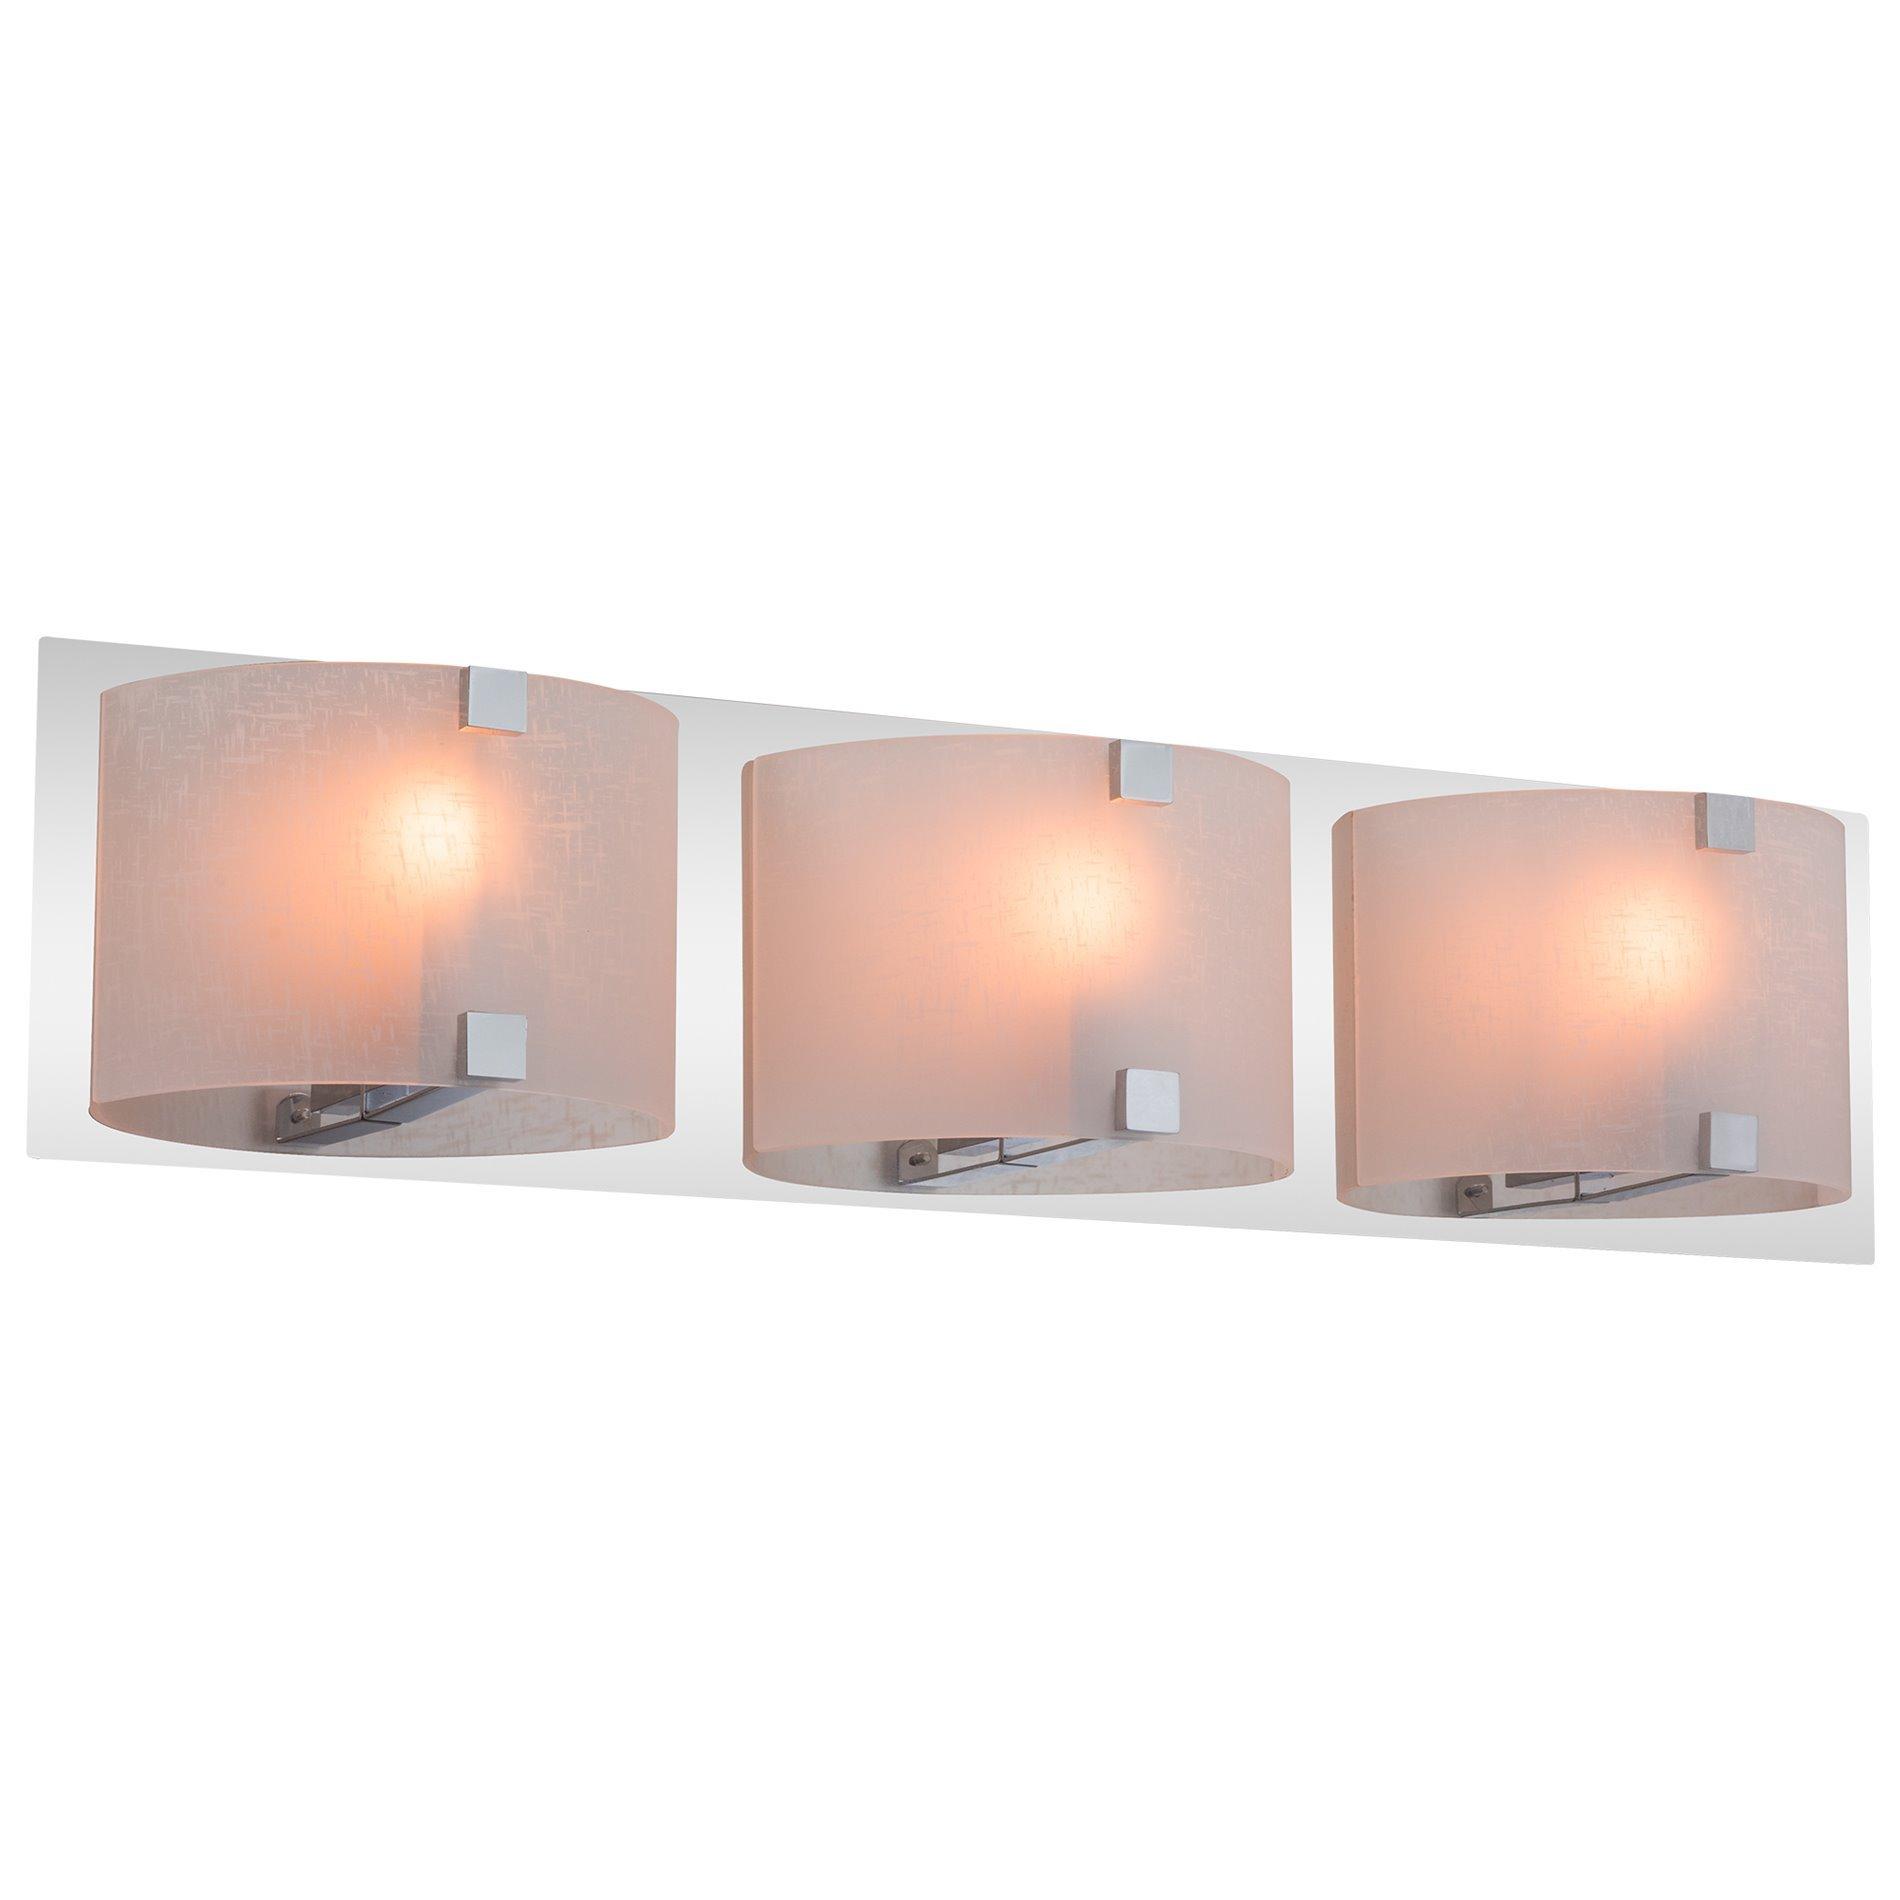 Kira Home Orion 3-Light Polished Chrome 25'' Bathroom Vanity Light, White Linen Glass Shades